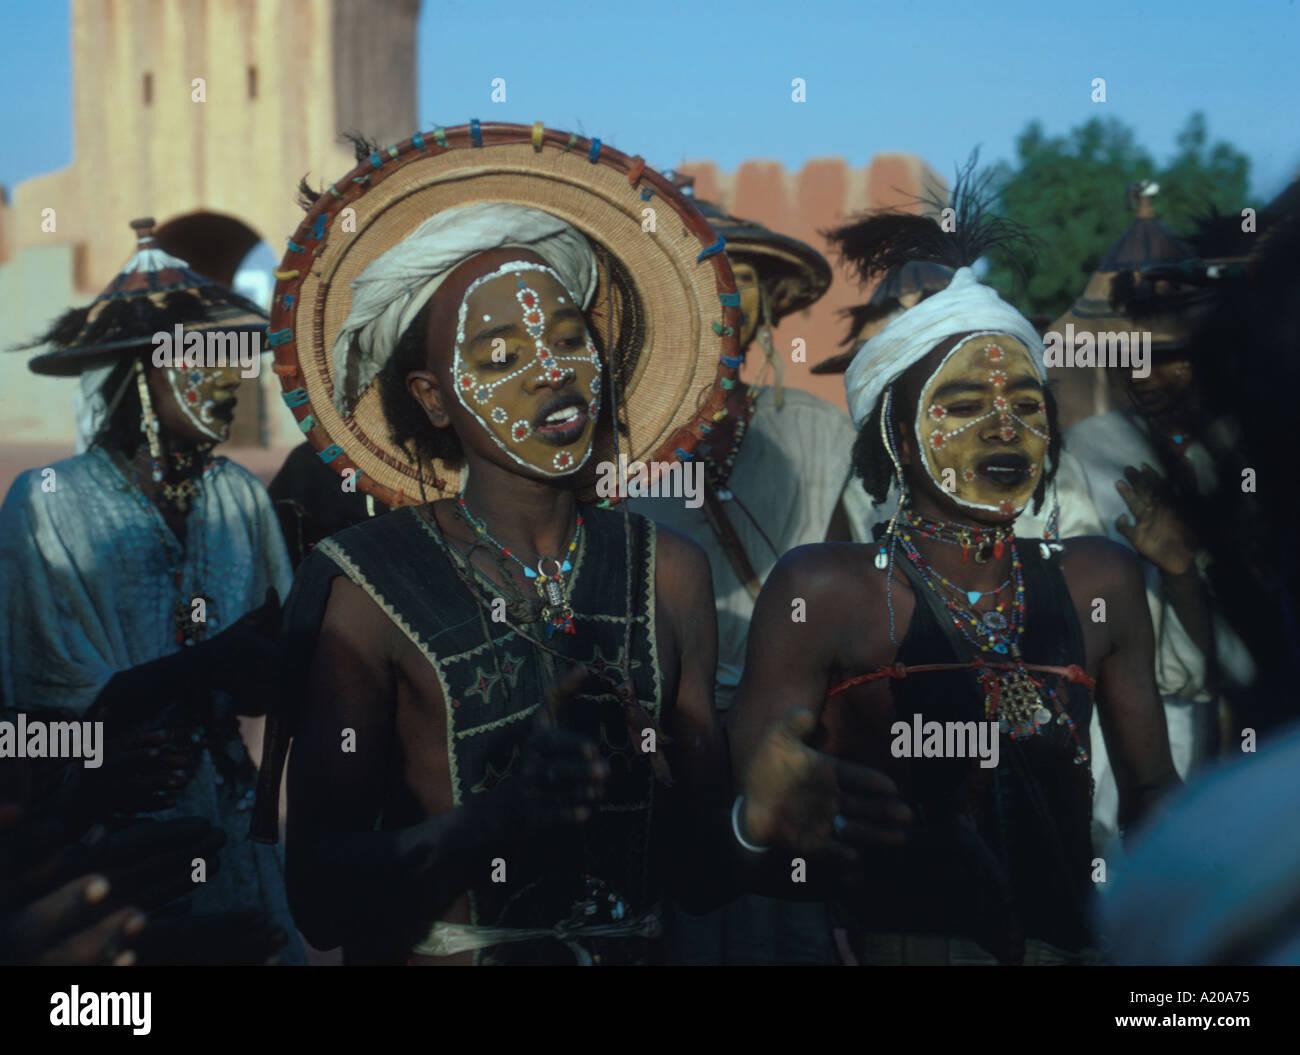 Wodaabe uomini adornata con make up gioielli dancing di attirare giovani donne Niger Fulani Africa Felingue village Immagini Stock